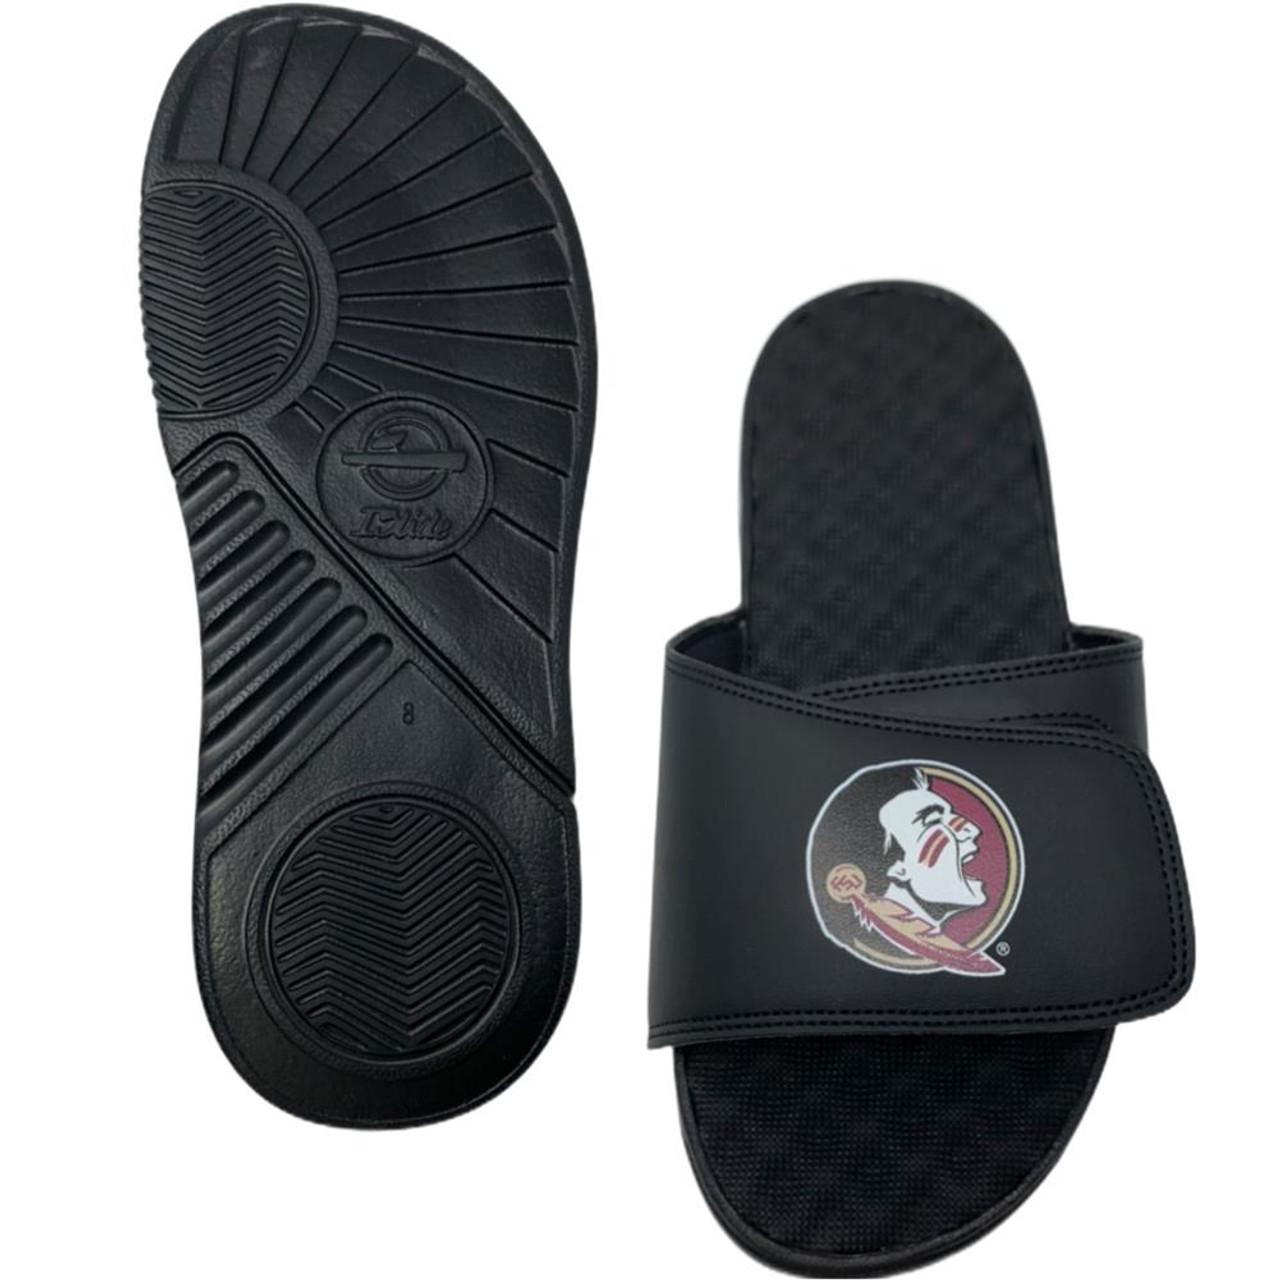 Minnesota Golden Gophers Slides ISlide Primary Adjustable Sandals